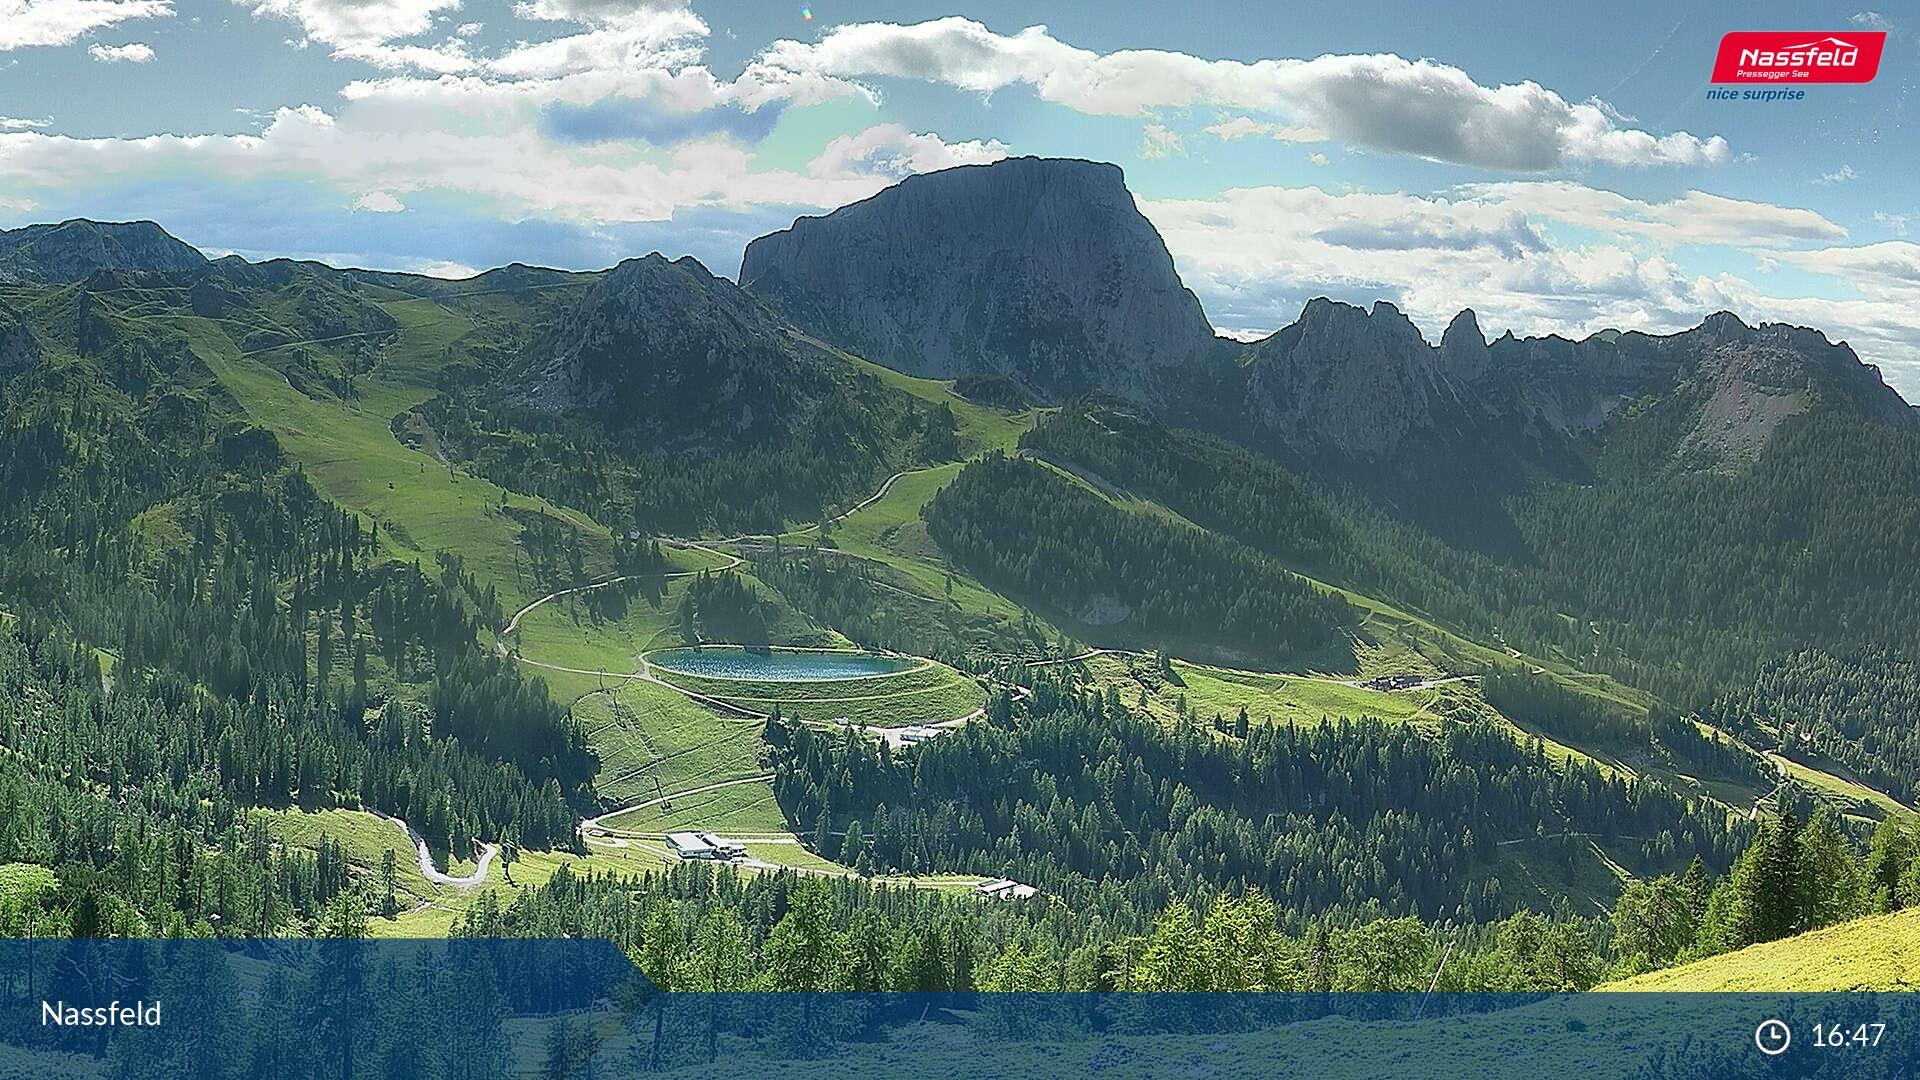 webcam Nassfeld